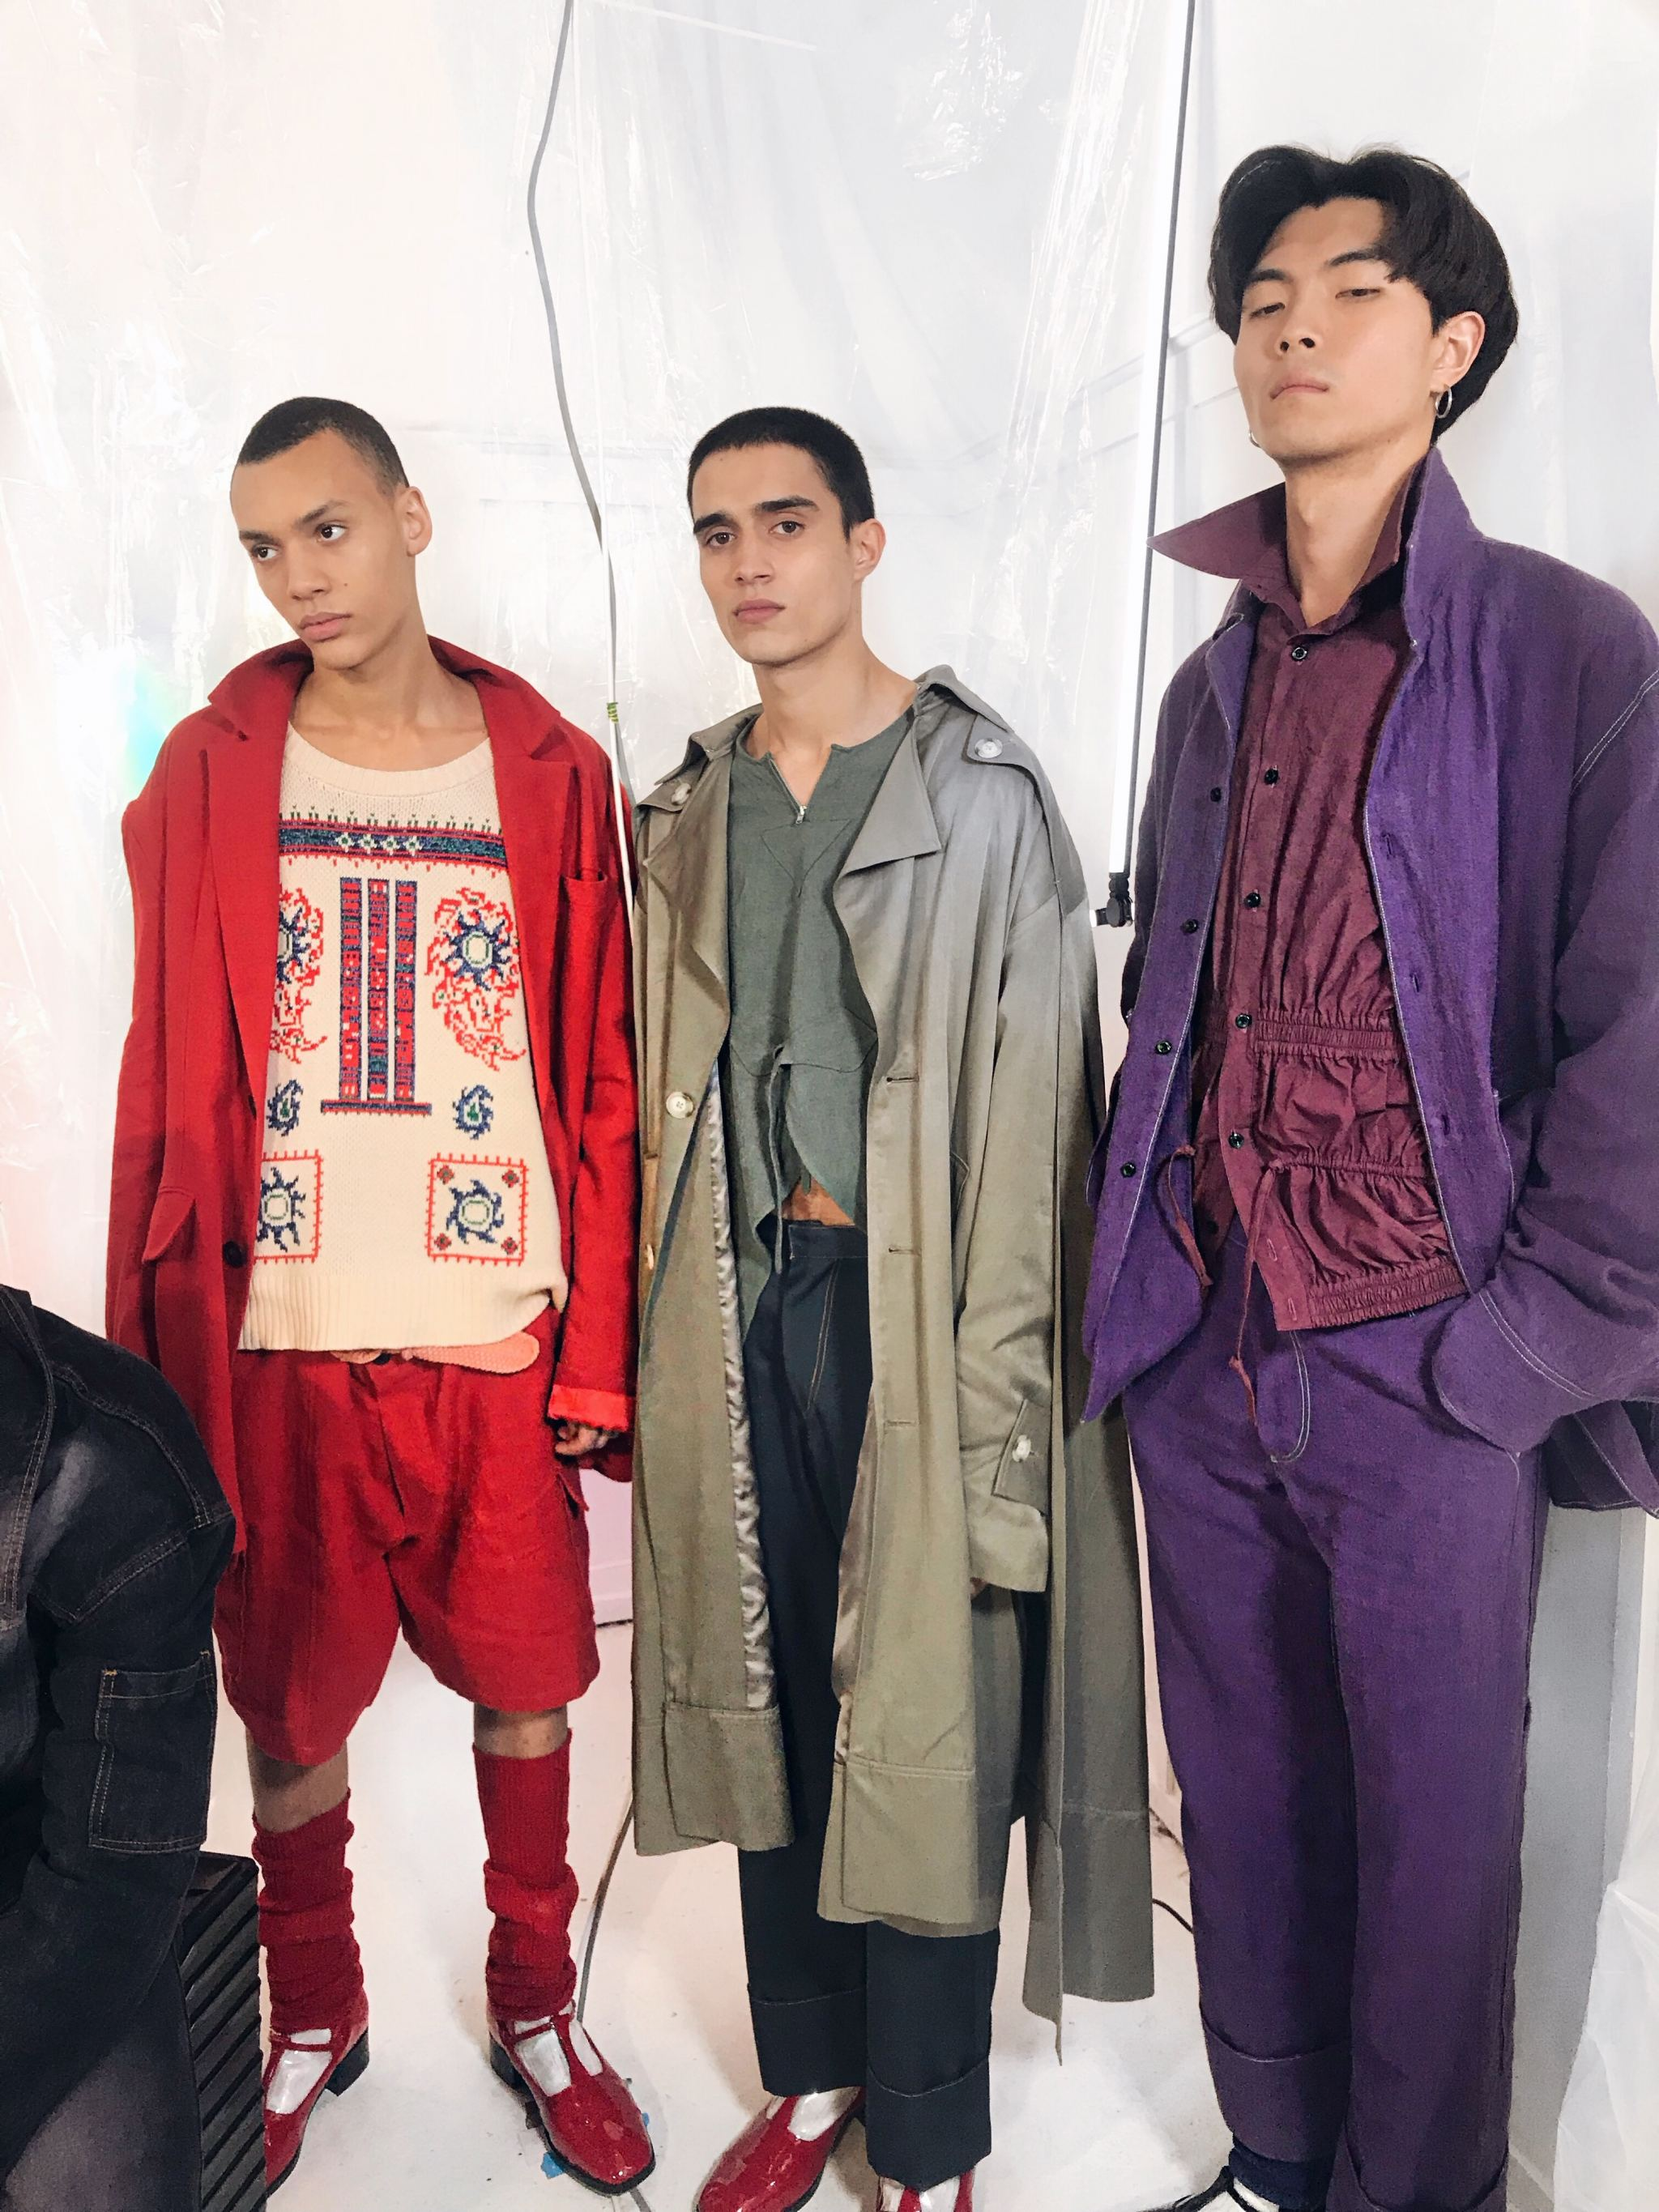 London fashion week men's Aw 18